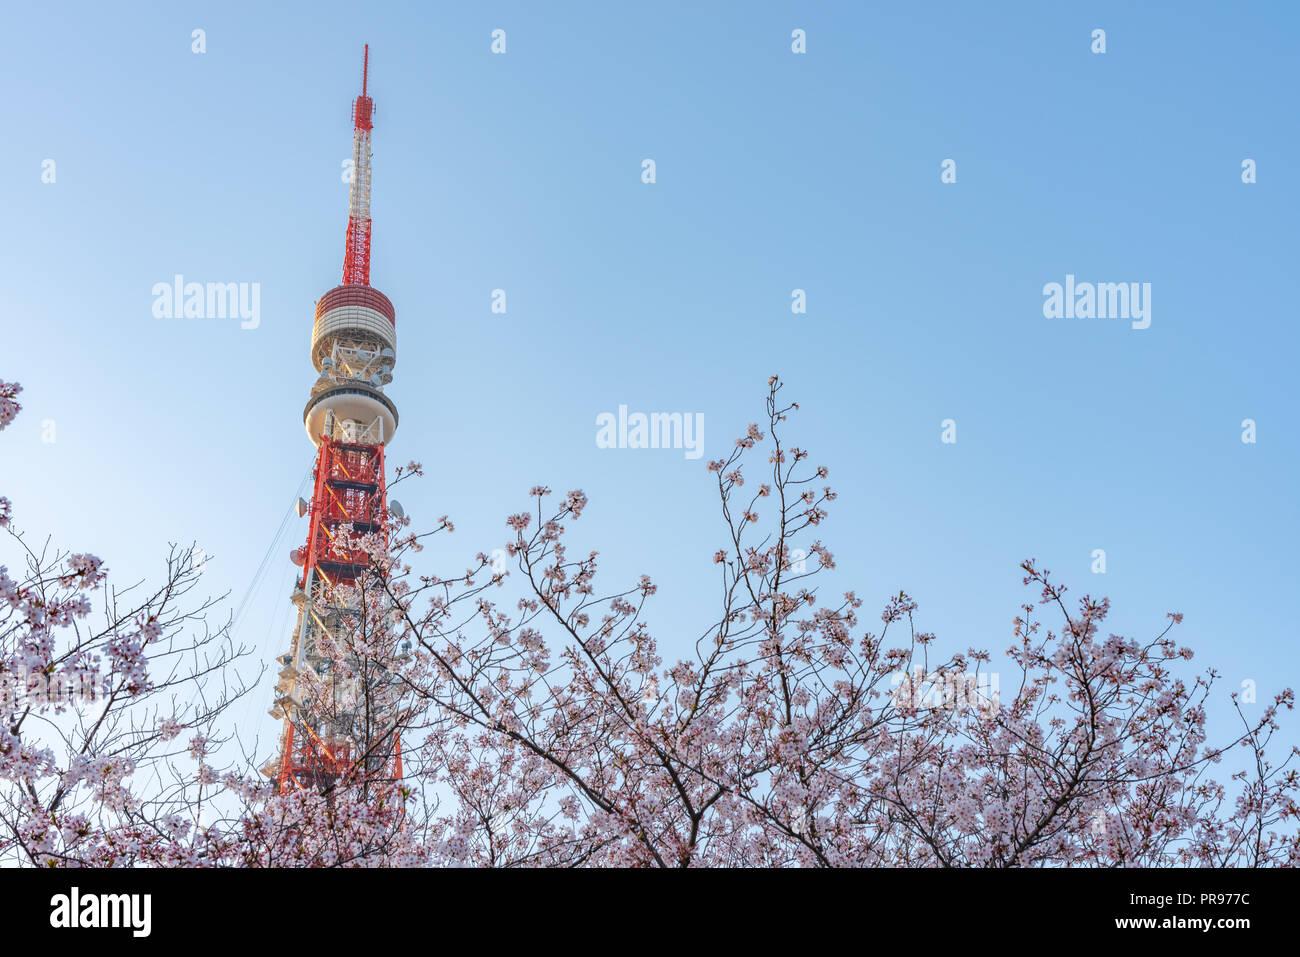 La tour de Tokyo et Sakura cherry blossom dans la saison du printemps à Tokyo, Japon. Photo Stock